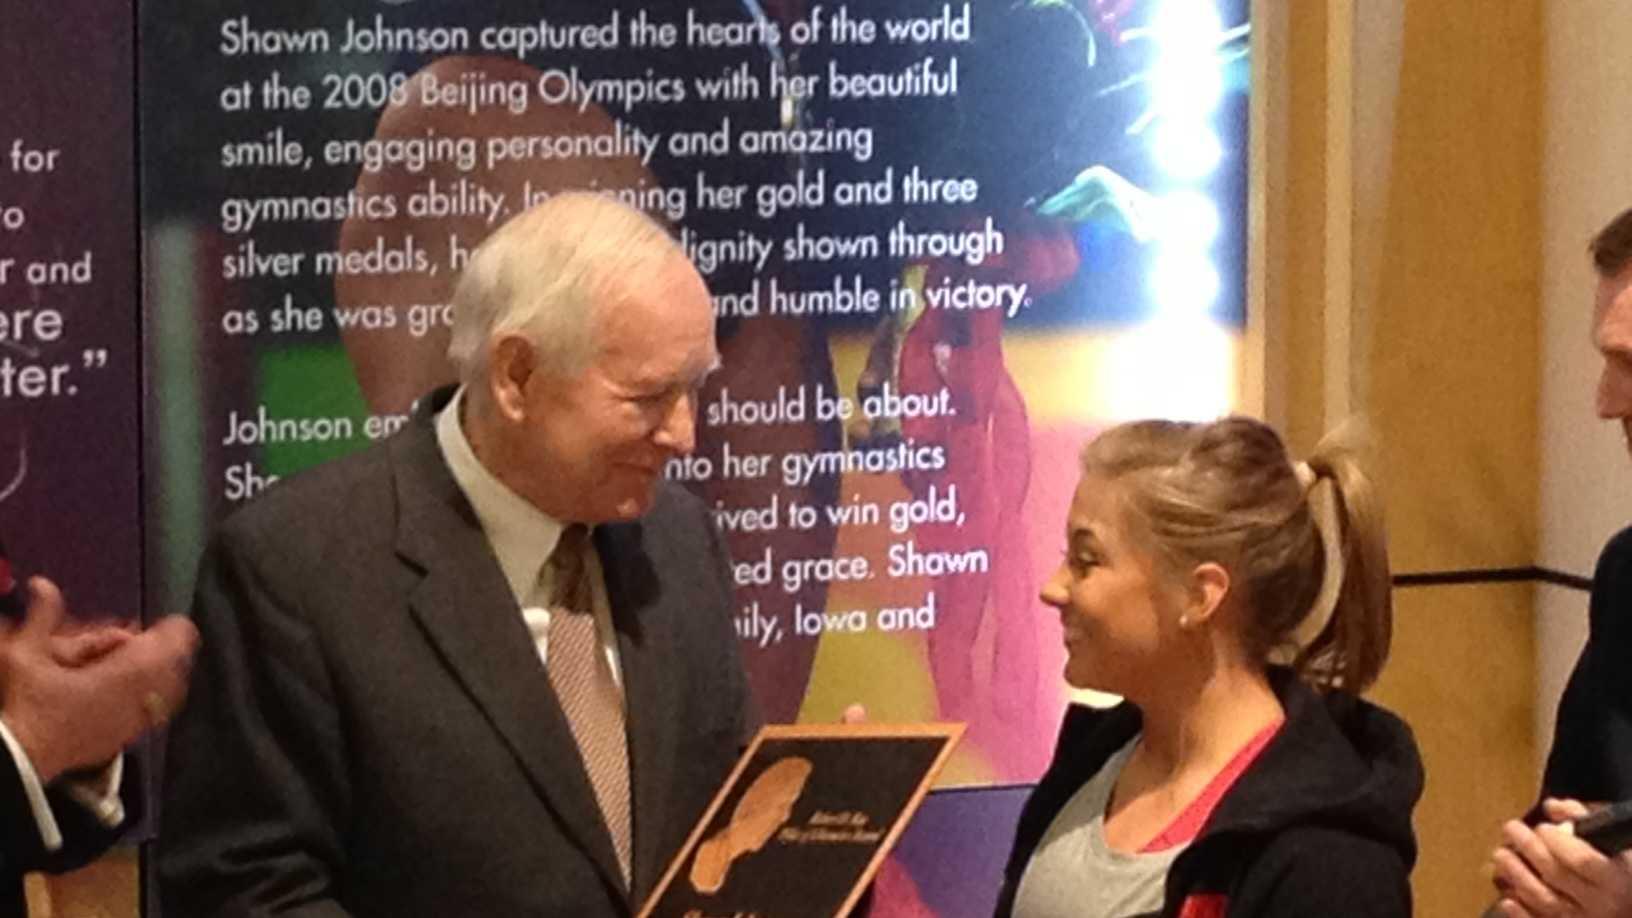 Shawn johnson award